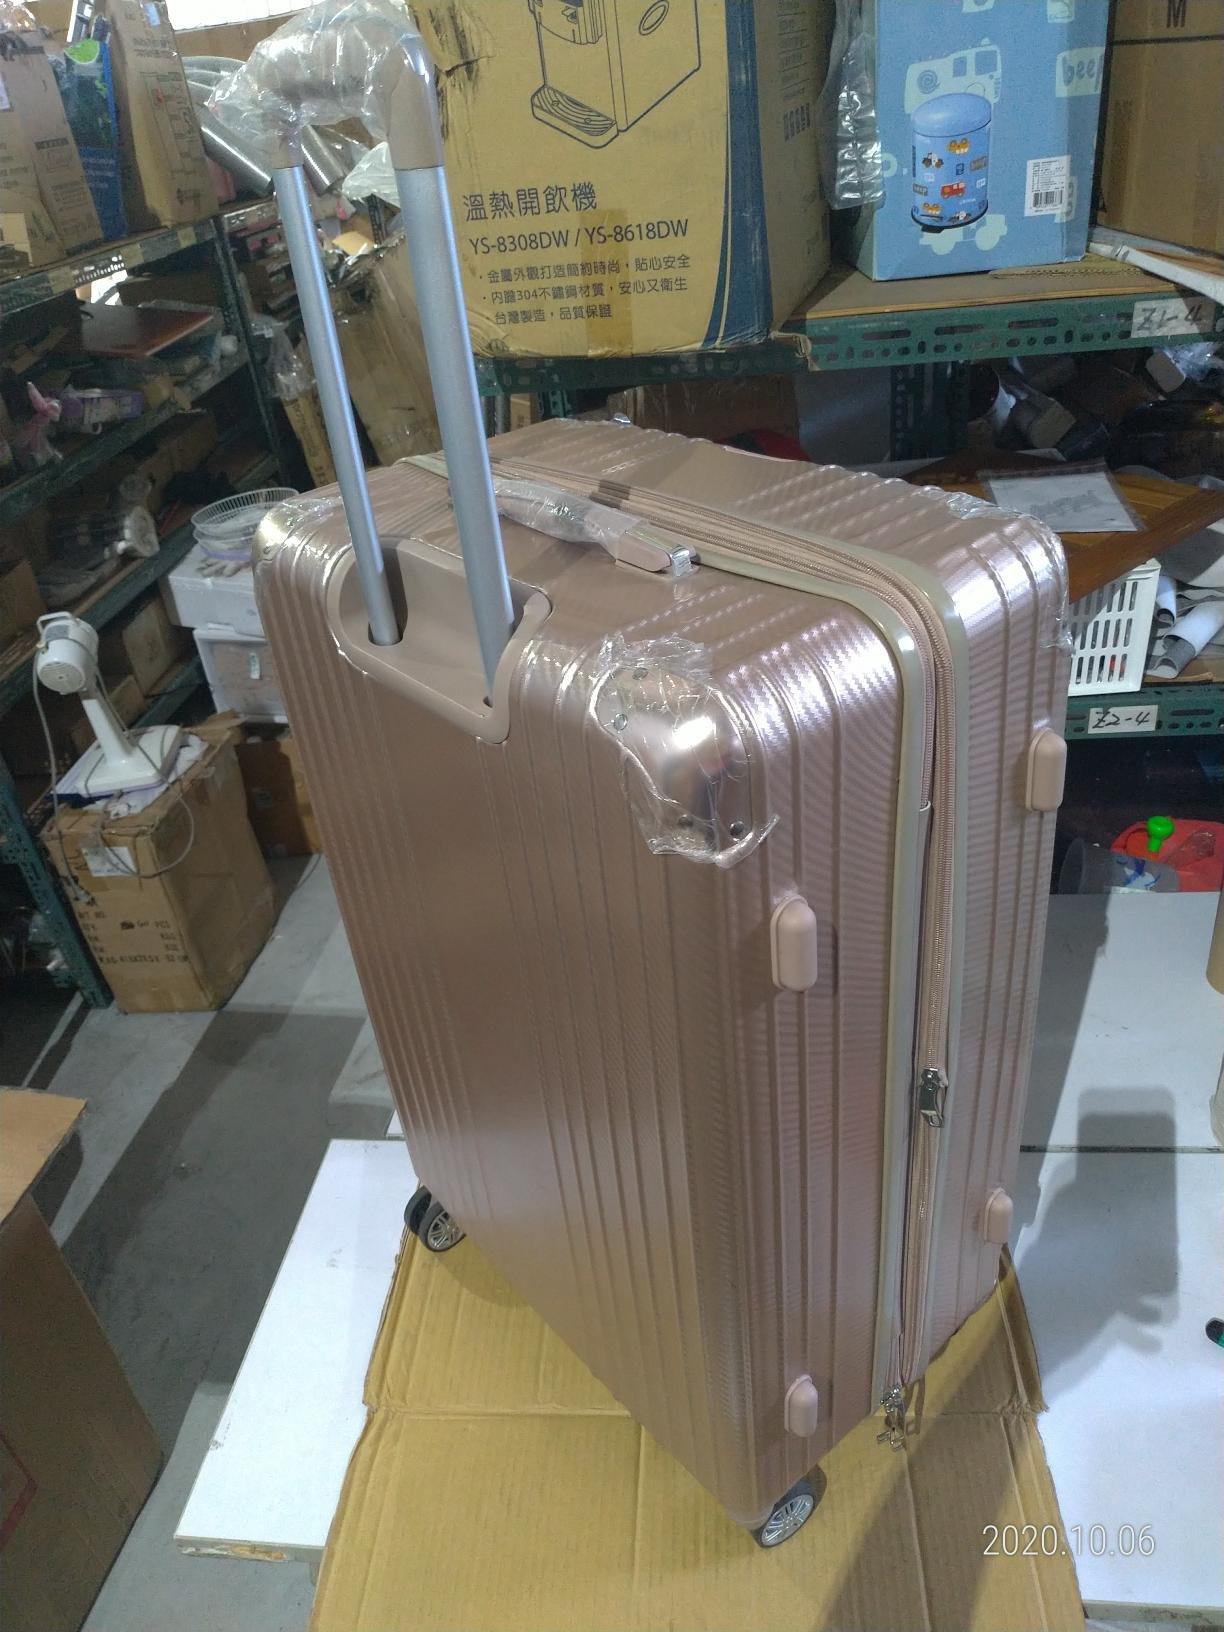 [全新NG福利品庫存出清] 29吋玫瑰金鋁框海關鎖行李箱(手工尺寸高78x寬50x長34公分)